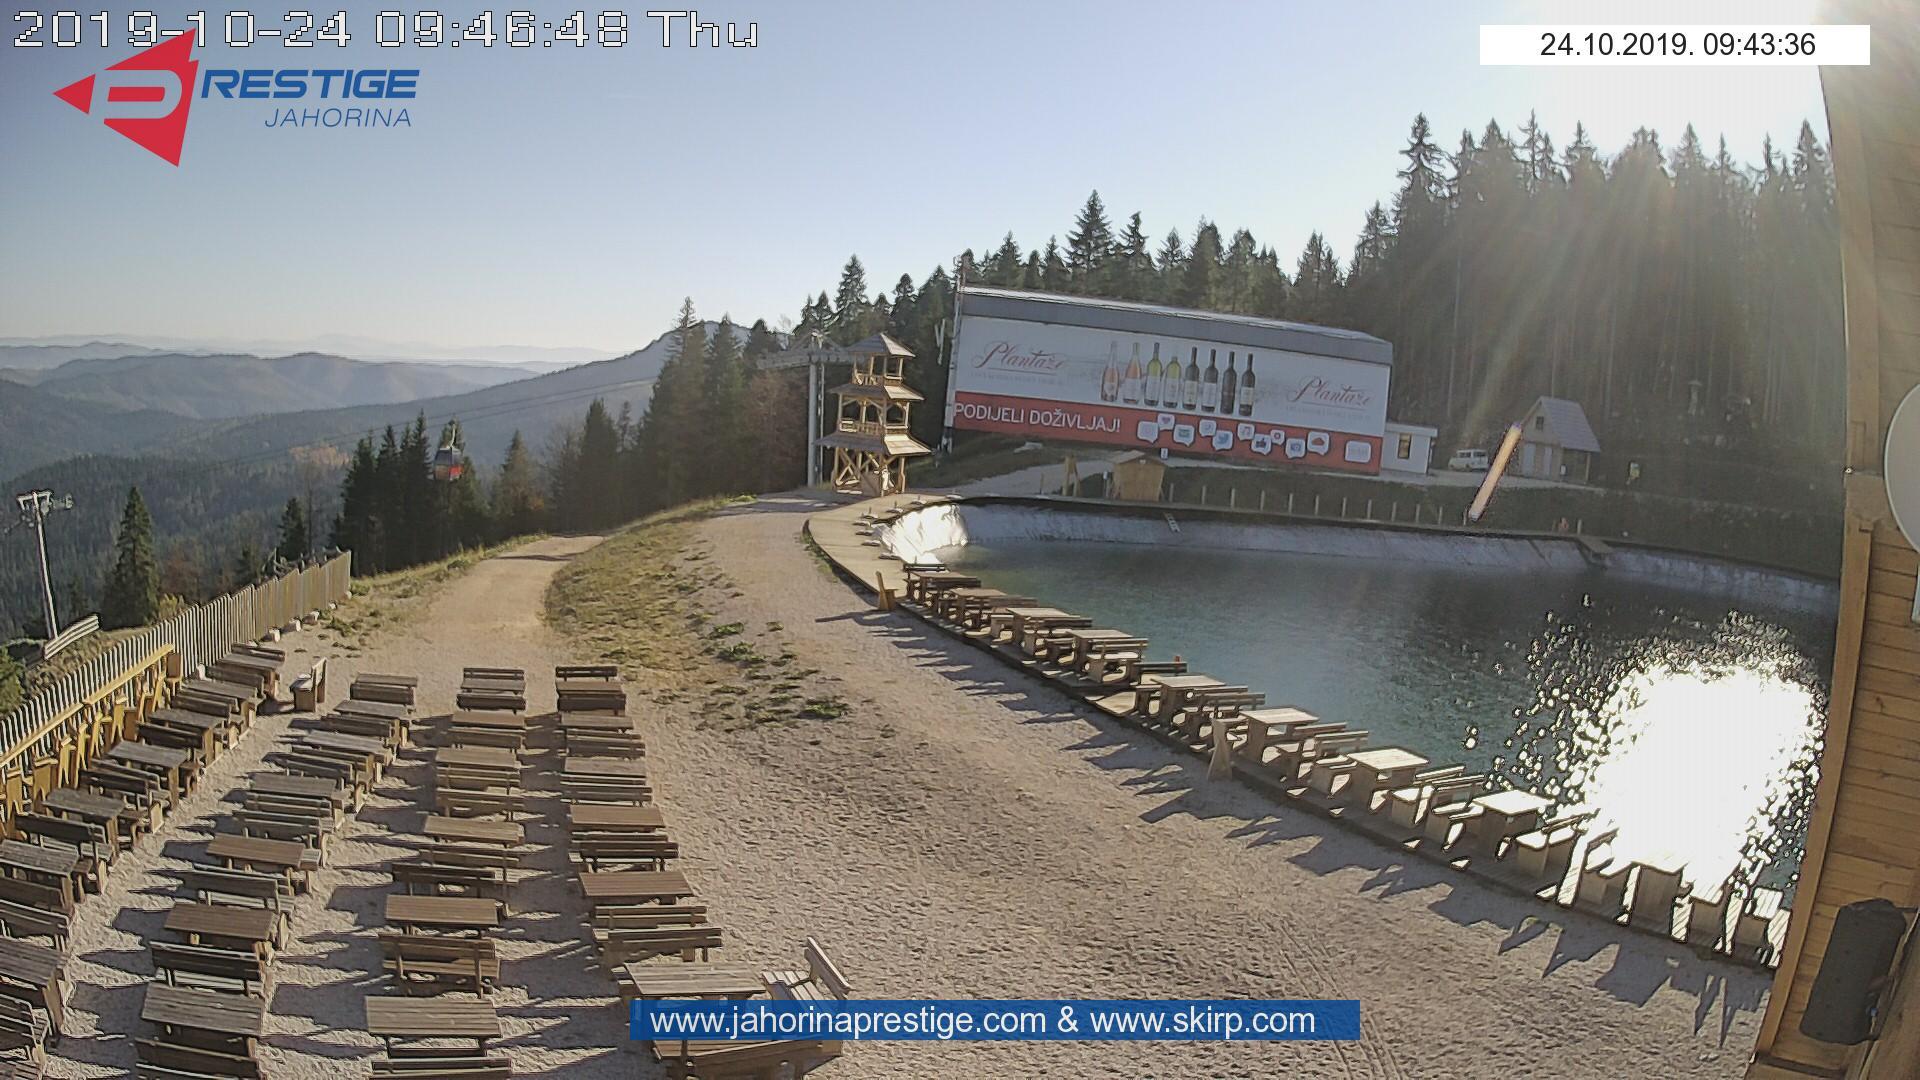 Web cam Ski Gondola Pale - Jahorina